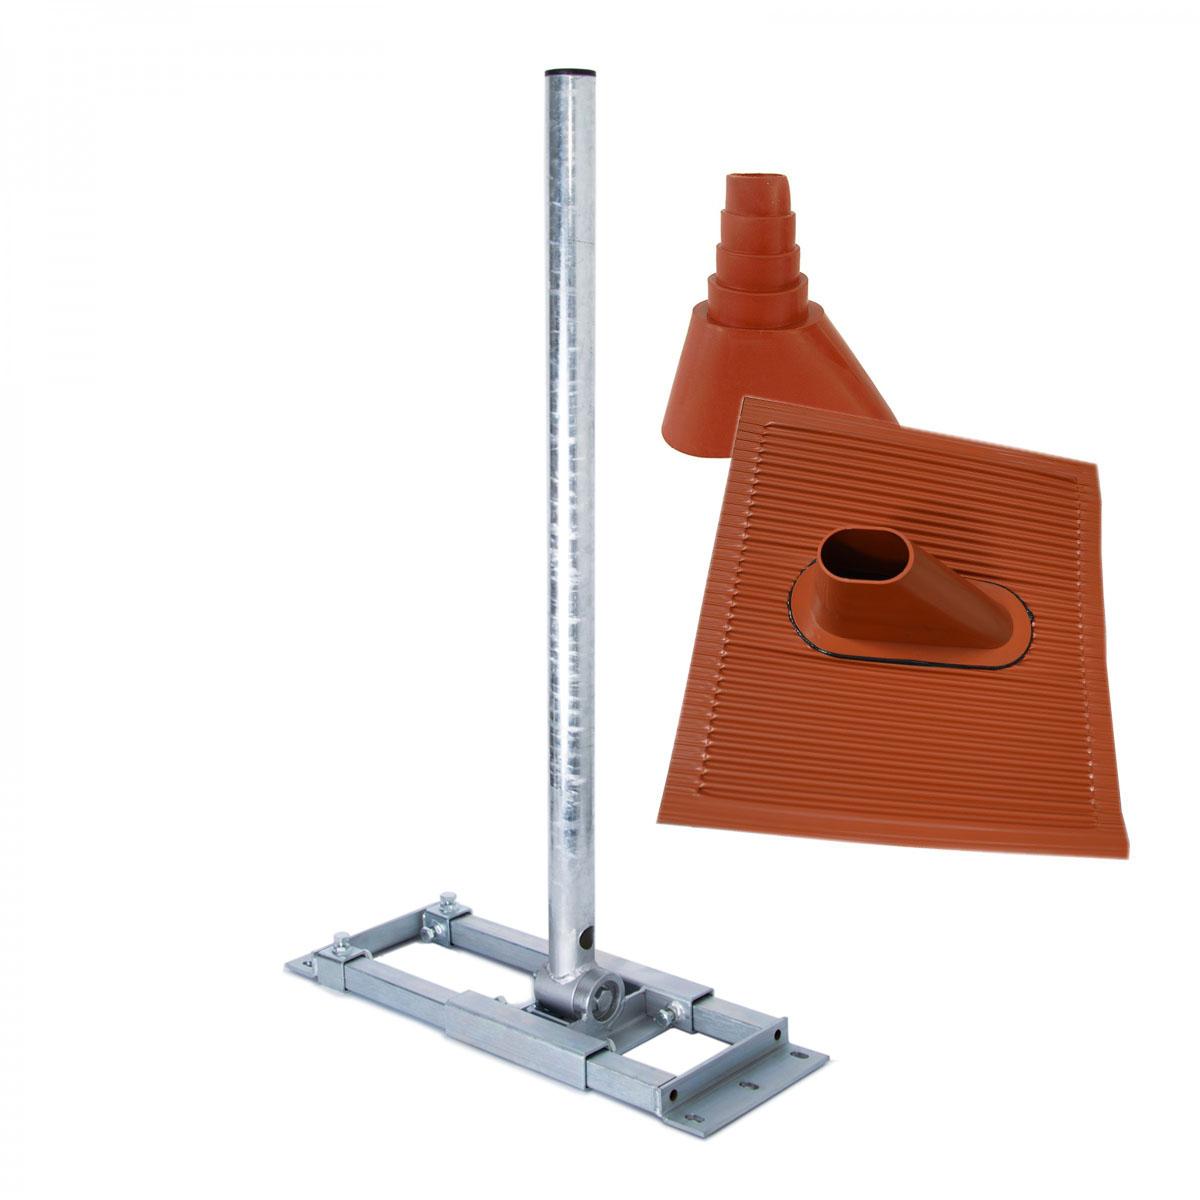 PremiumX DELUXE X130-48 Dachsparrenhalter 130cm Mast für SAT Antenne Dachhalter ALU Dachabdeckung Manschette Rot